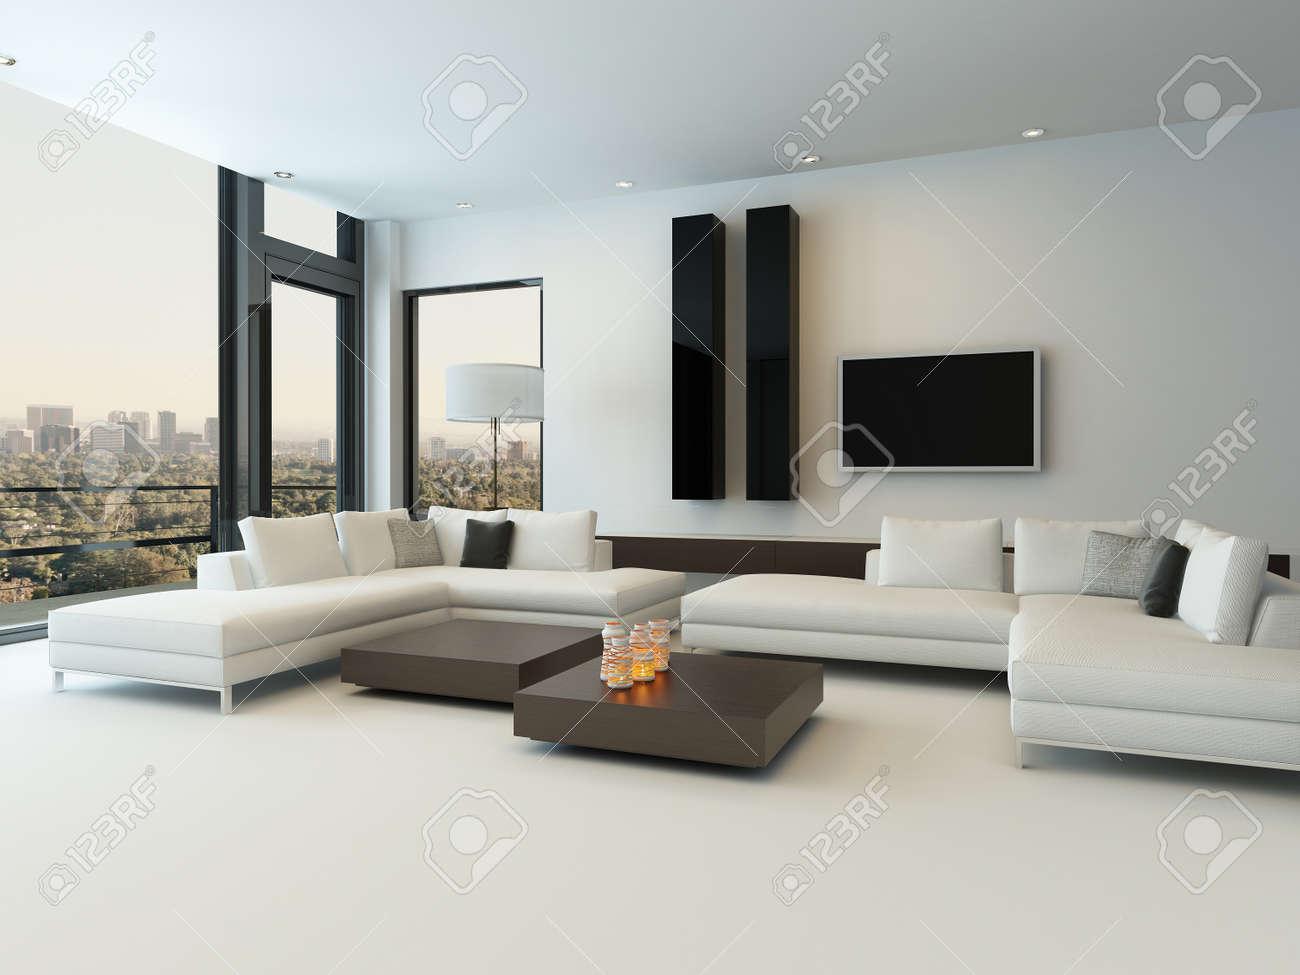 design moderno luminoso soggiorno interno con divano bianco foto ... - Soggiorno Luminoso